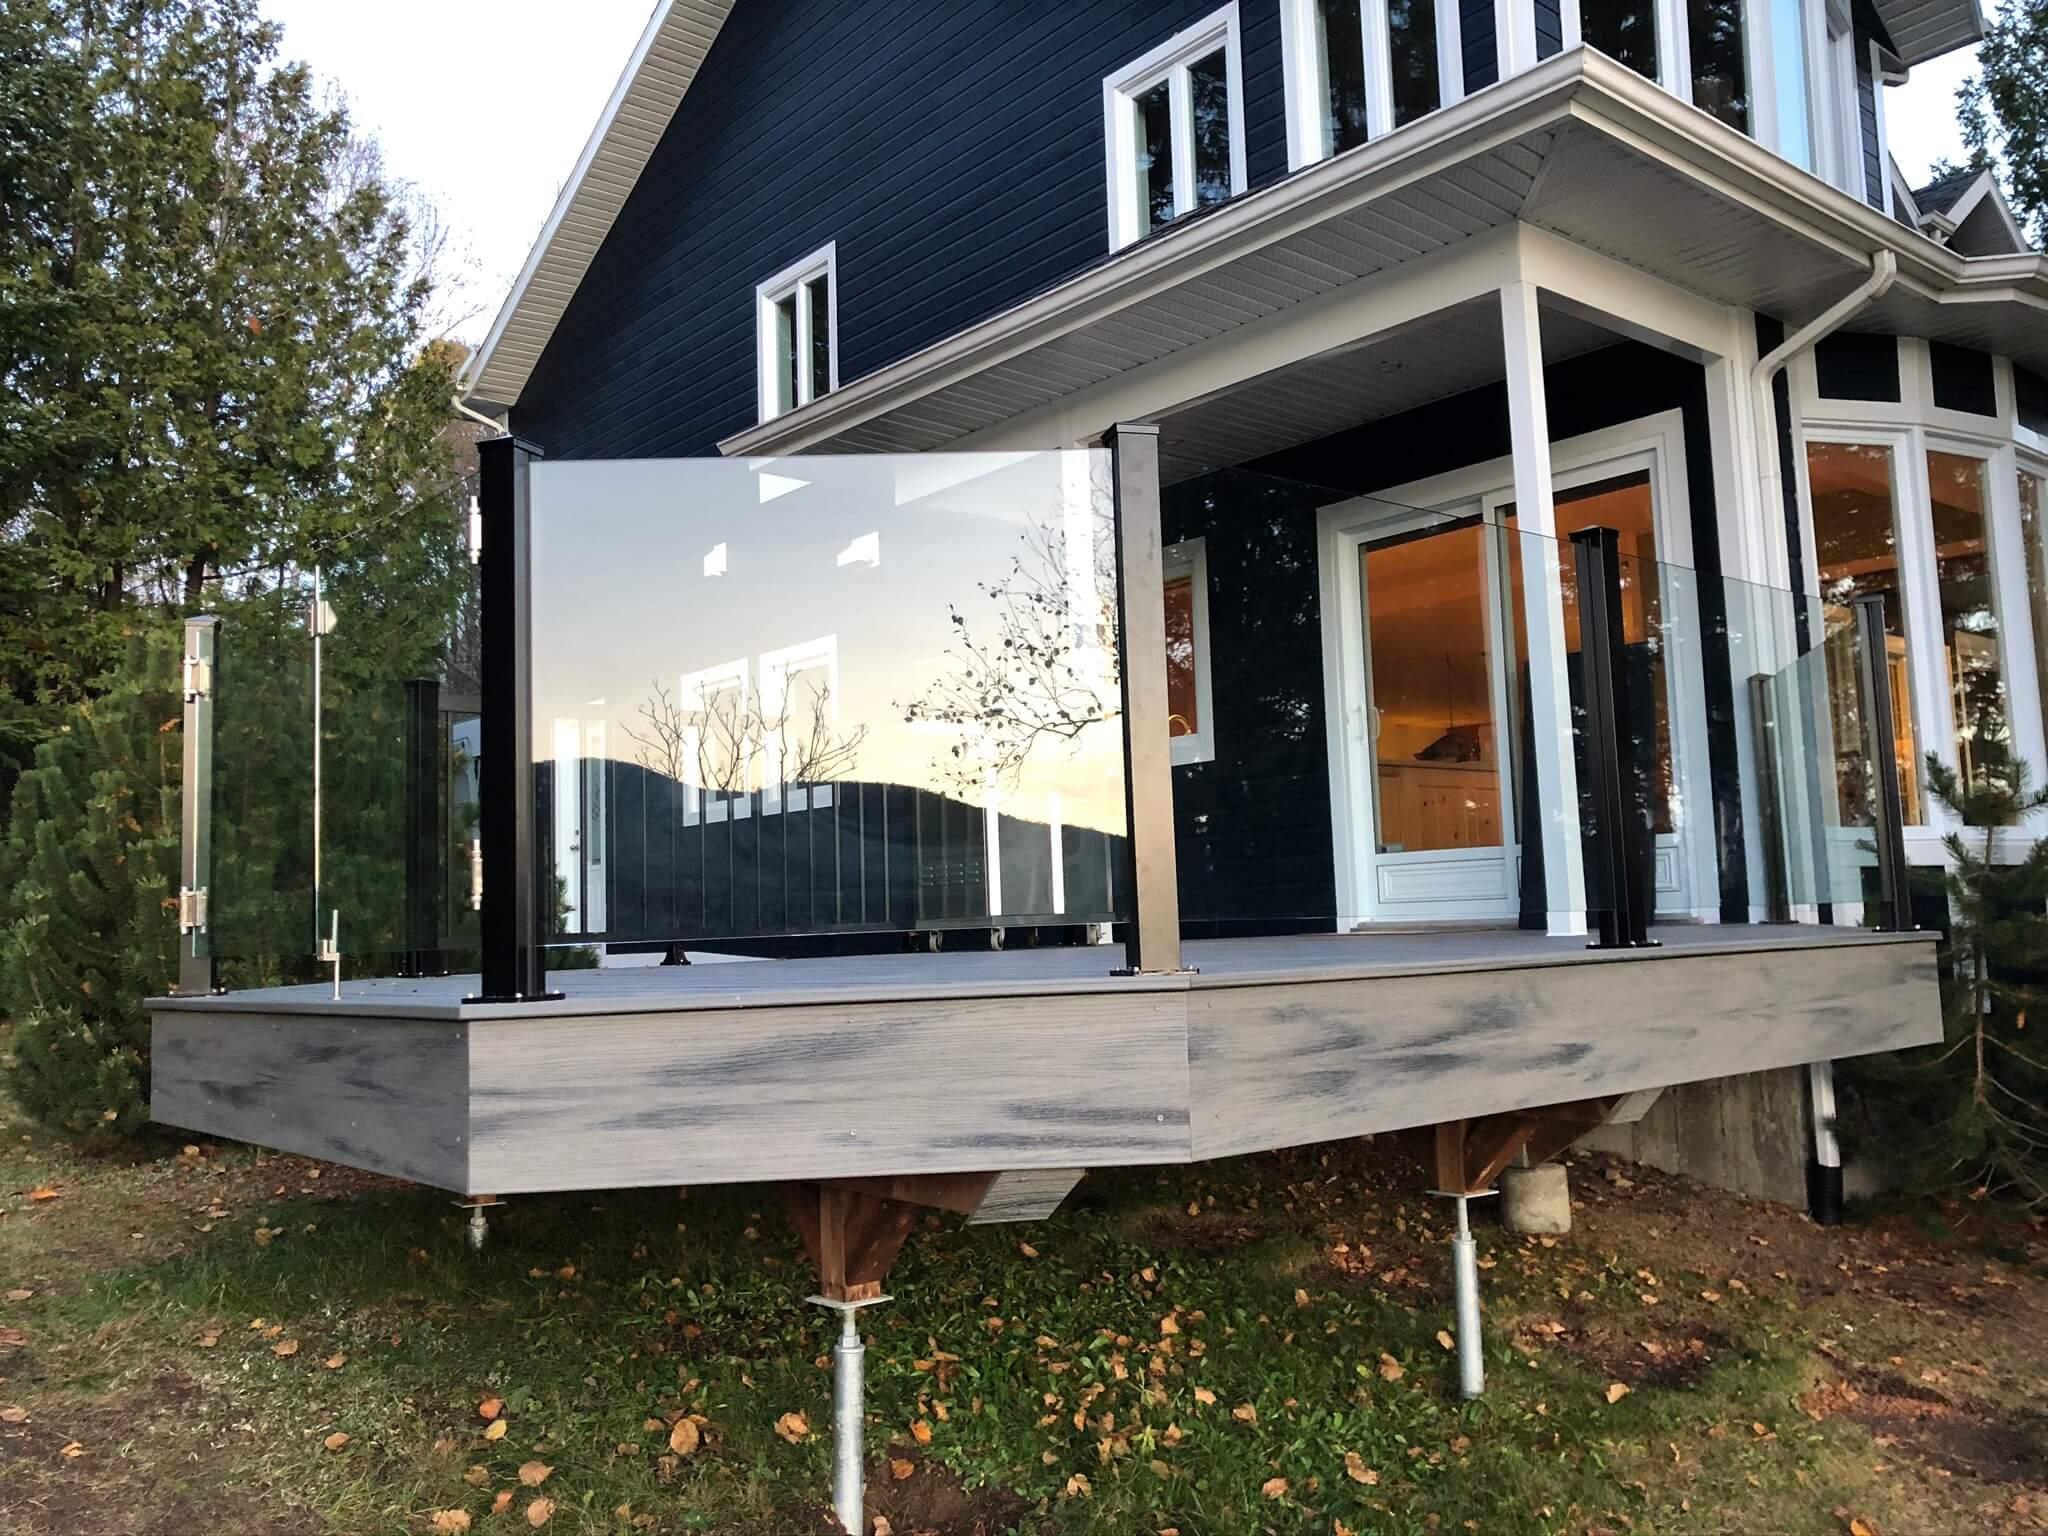 rampe en verre sur balcon extérieur 06